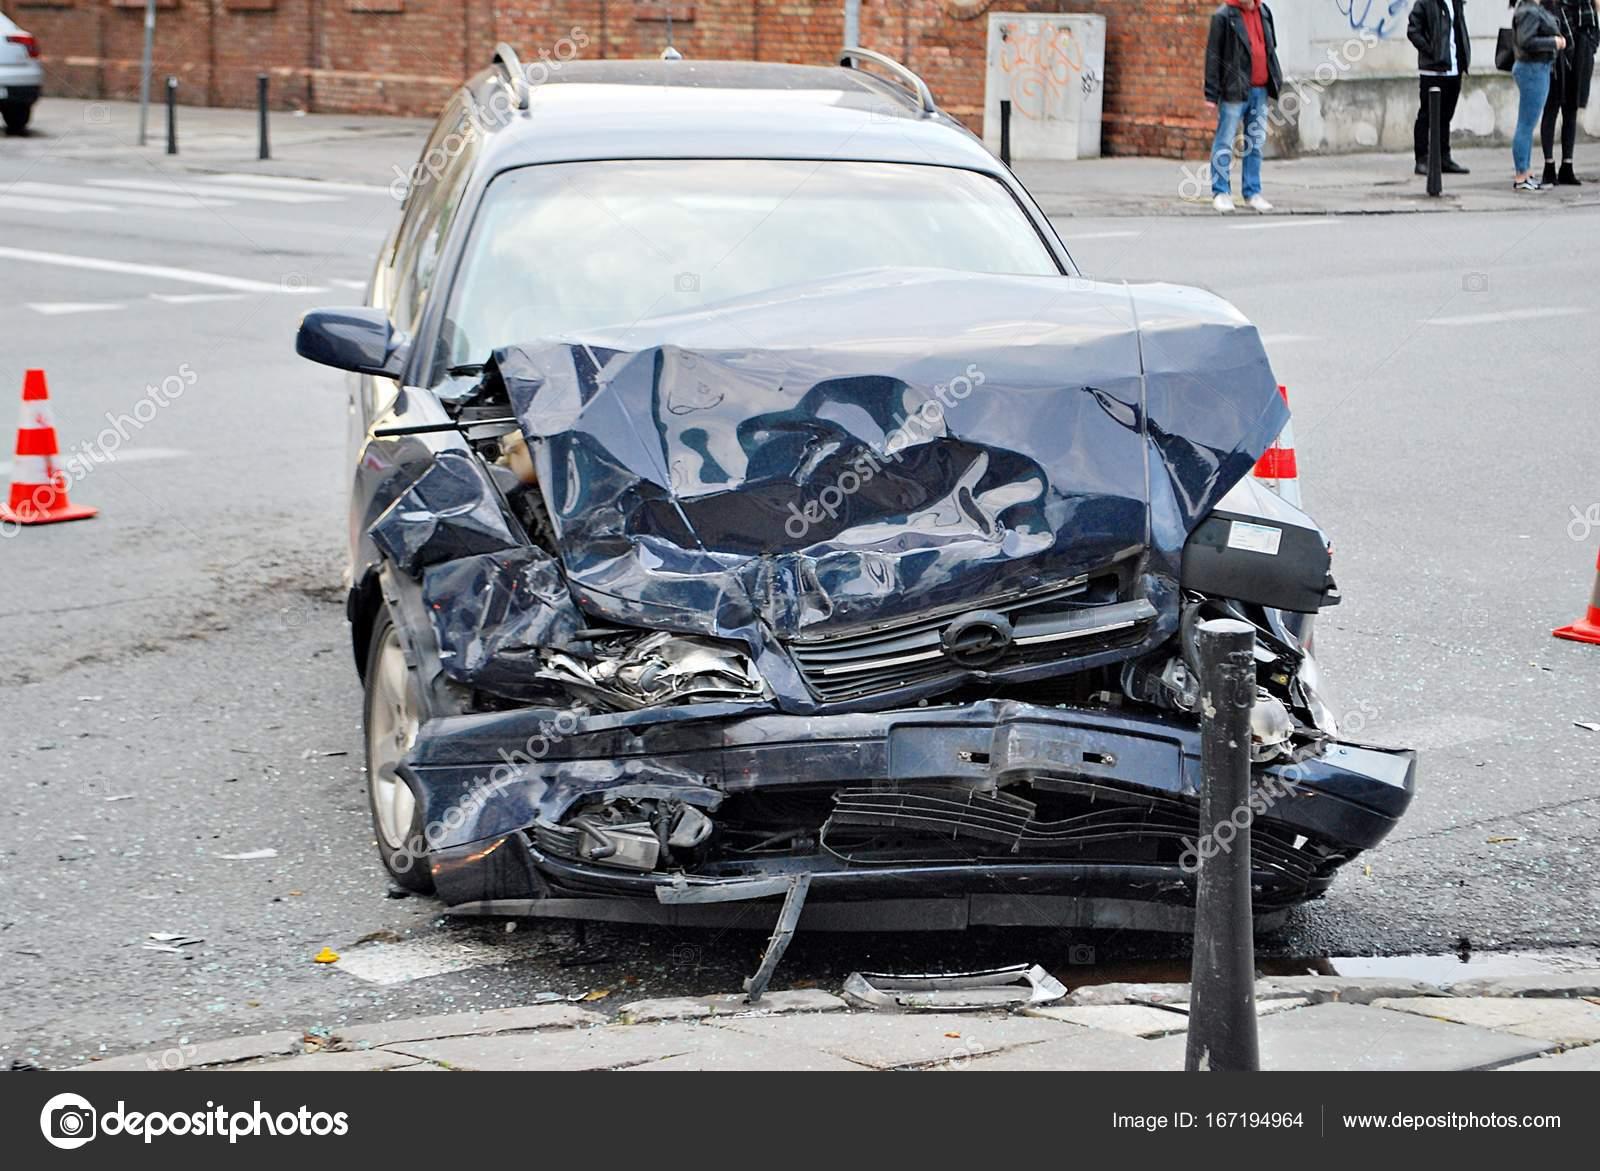 Autounfall, beschädigte Autos nach Kollision in Stadt — Stockfoto ...